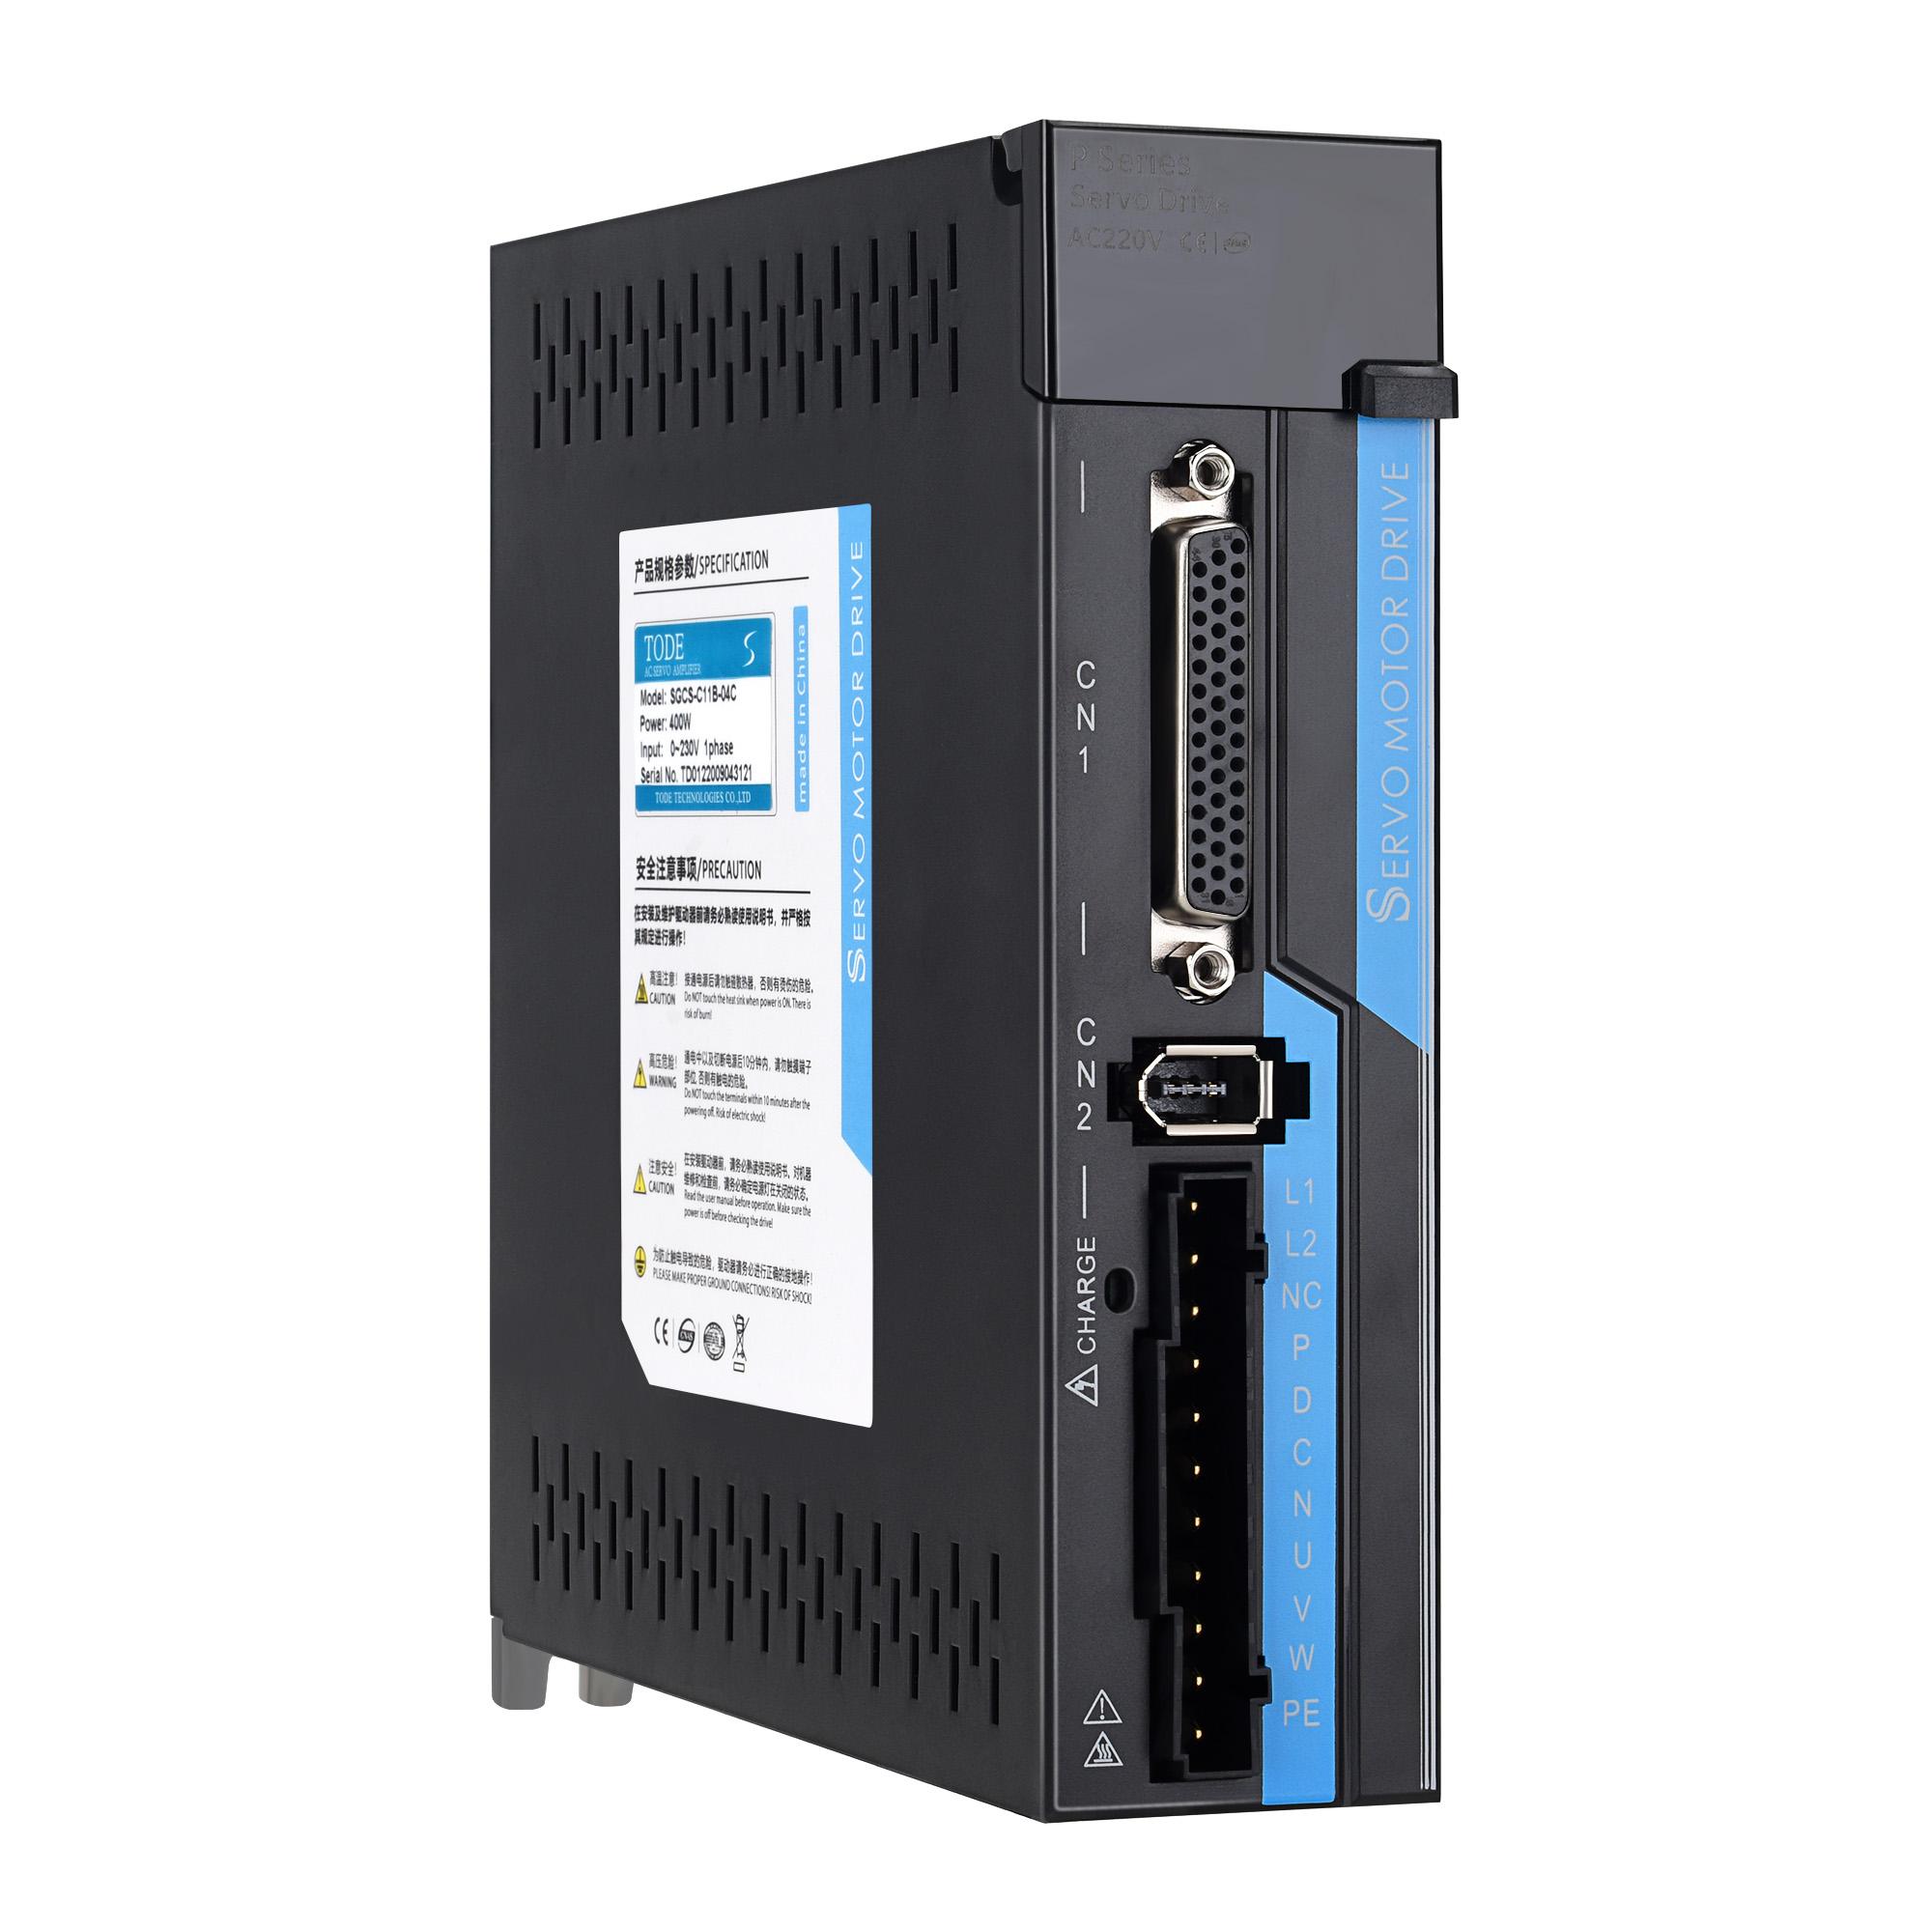 伺服电机使用起来有哪些不错的特点呢